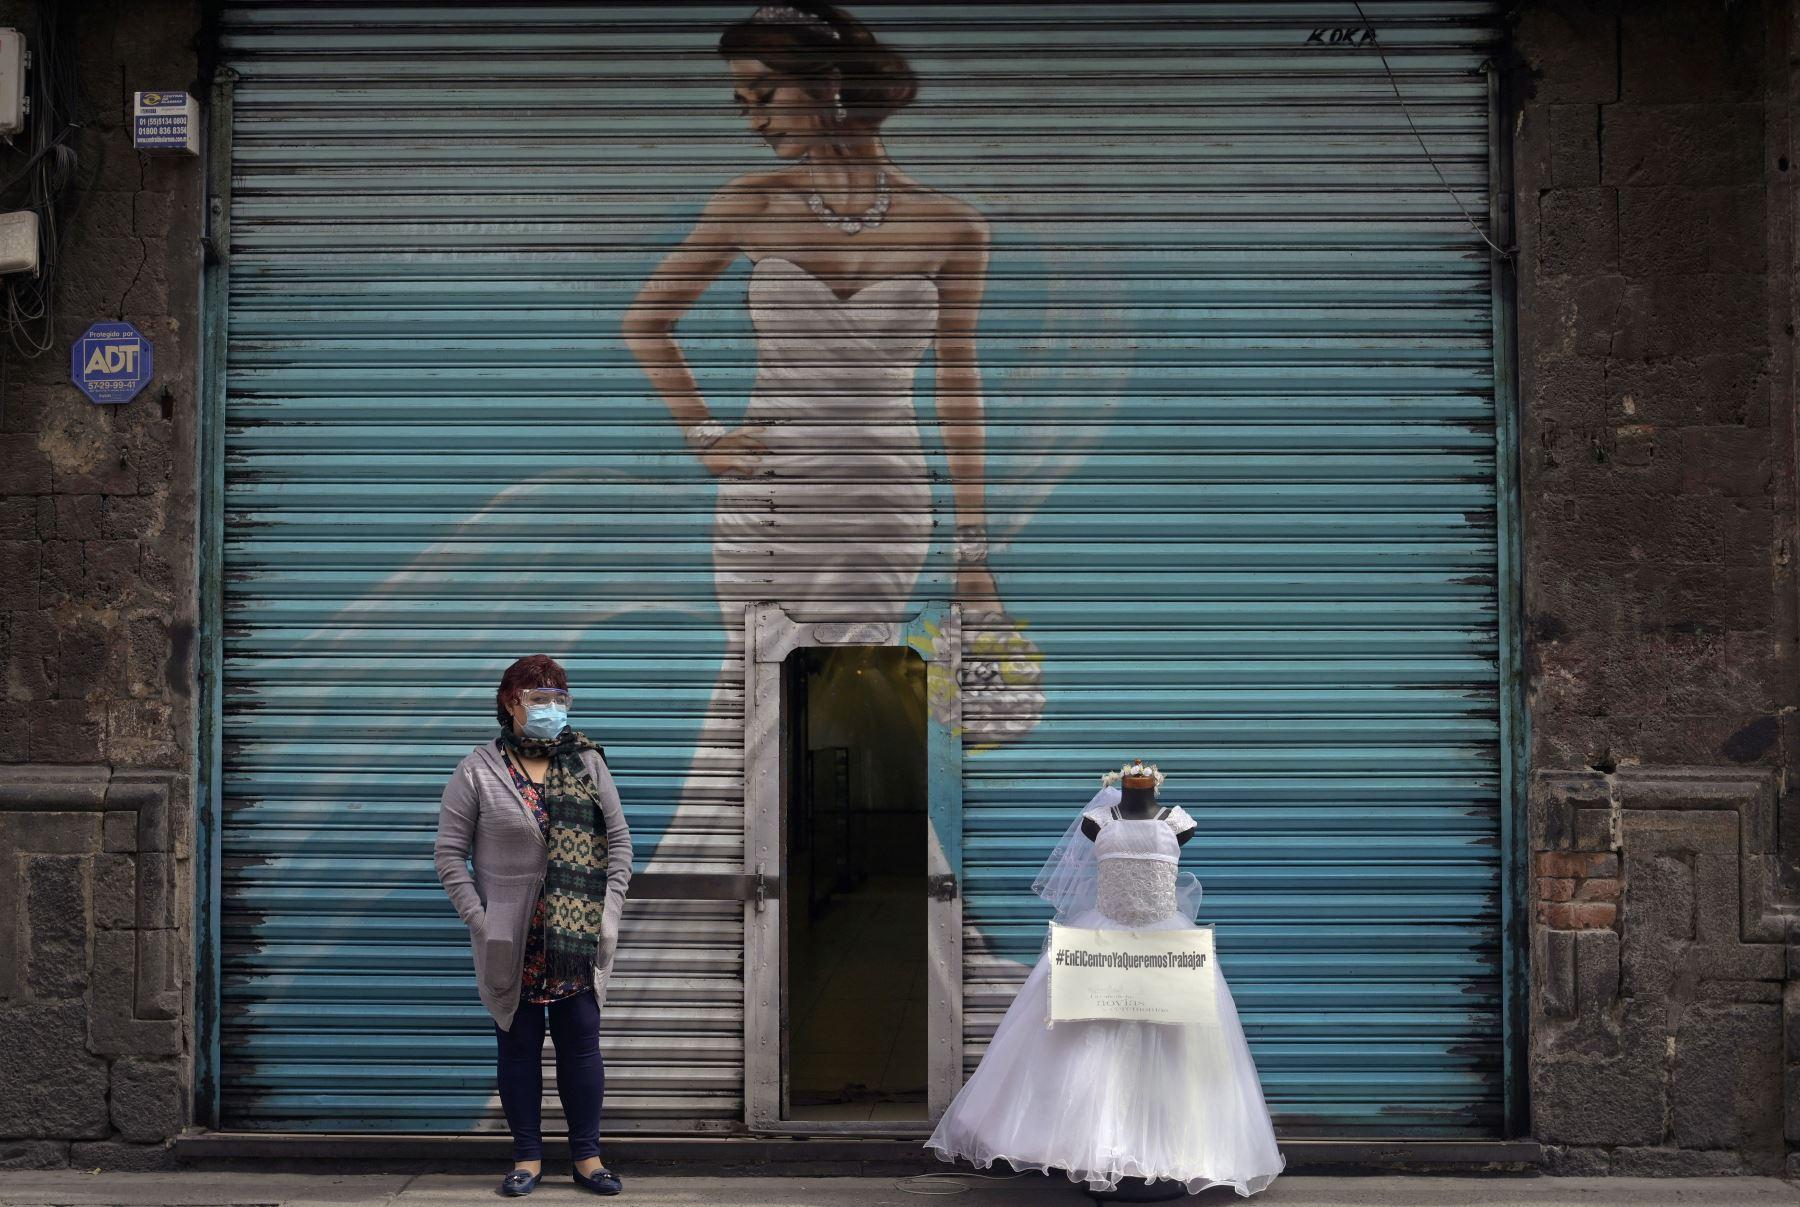 Un vendedor de vestidos para novias protesta con maniquíes en las calles del centro de la Ciudad de México. Los vendedores exigen que se les permita abrir sus tiendas, ya que el Gobierno de la ciudad prohibió estas tiendas en un esfuerzo para reducir las infecciones por COVID-19. Foto: AFP